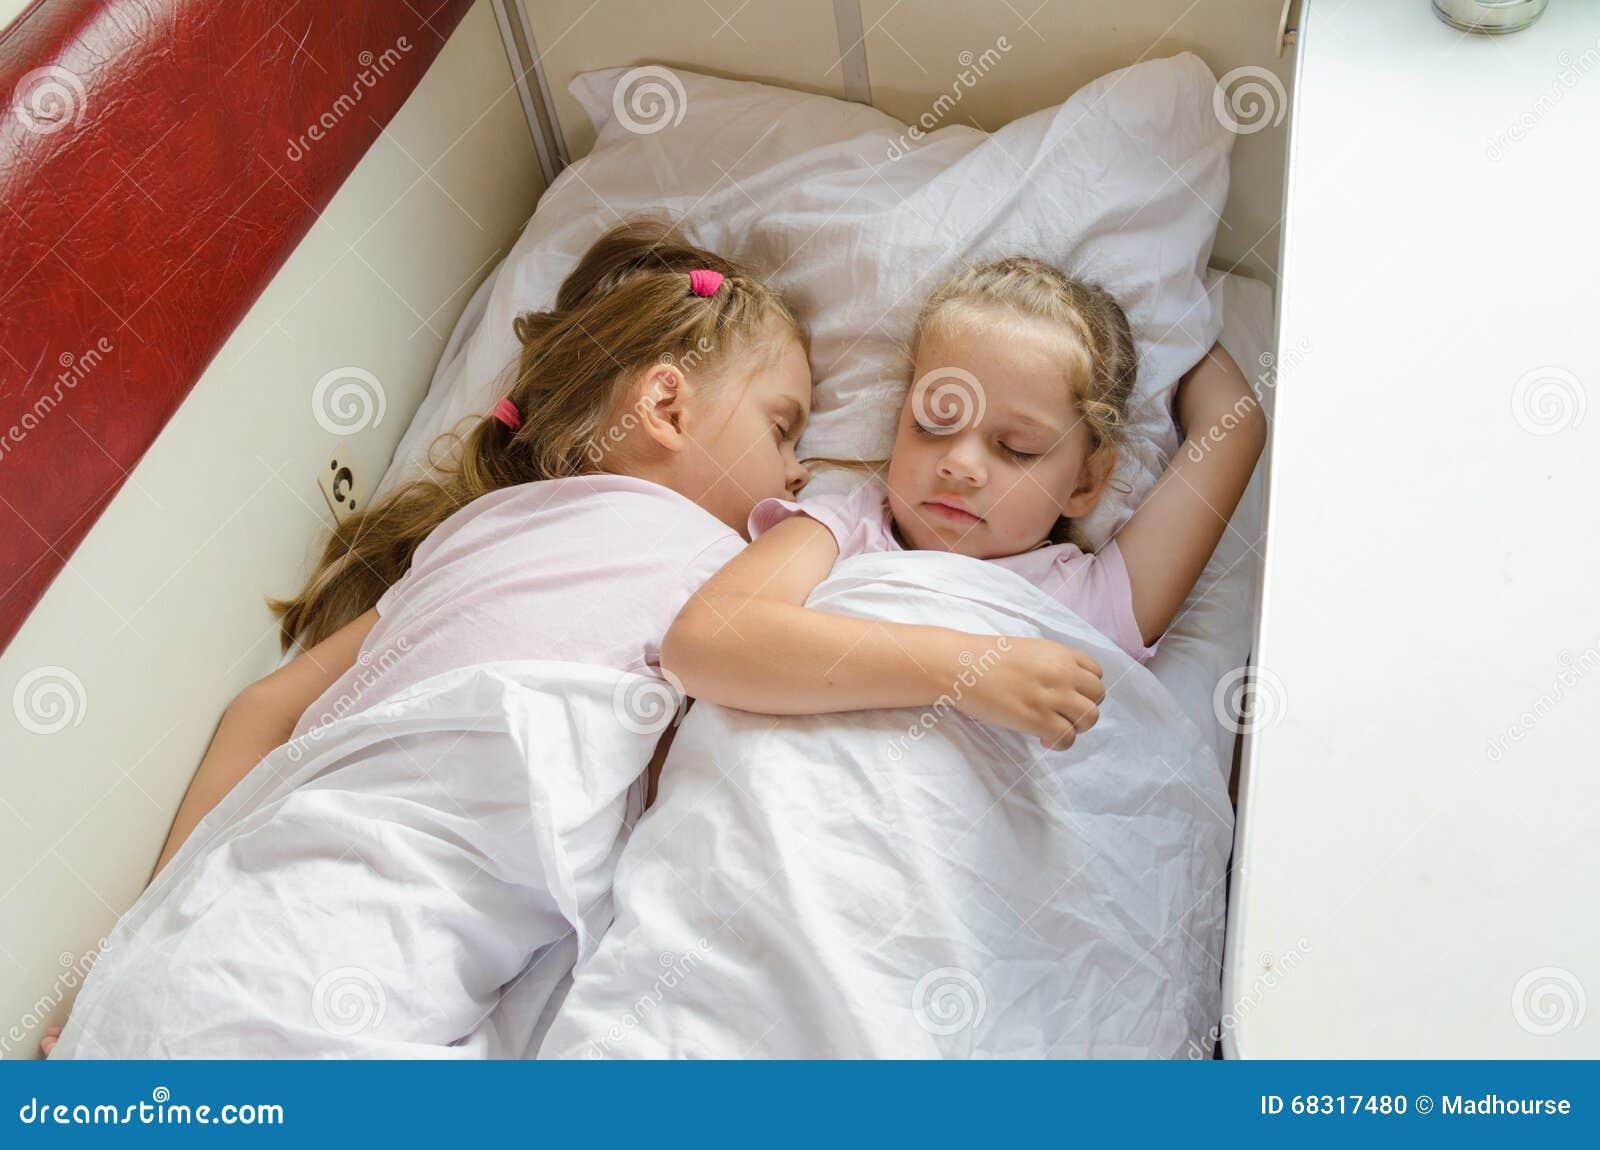 Сестра крепко спит, Брат трахнул младшую сестру пока она спит 30 фотография